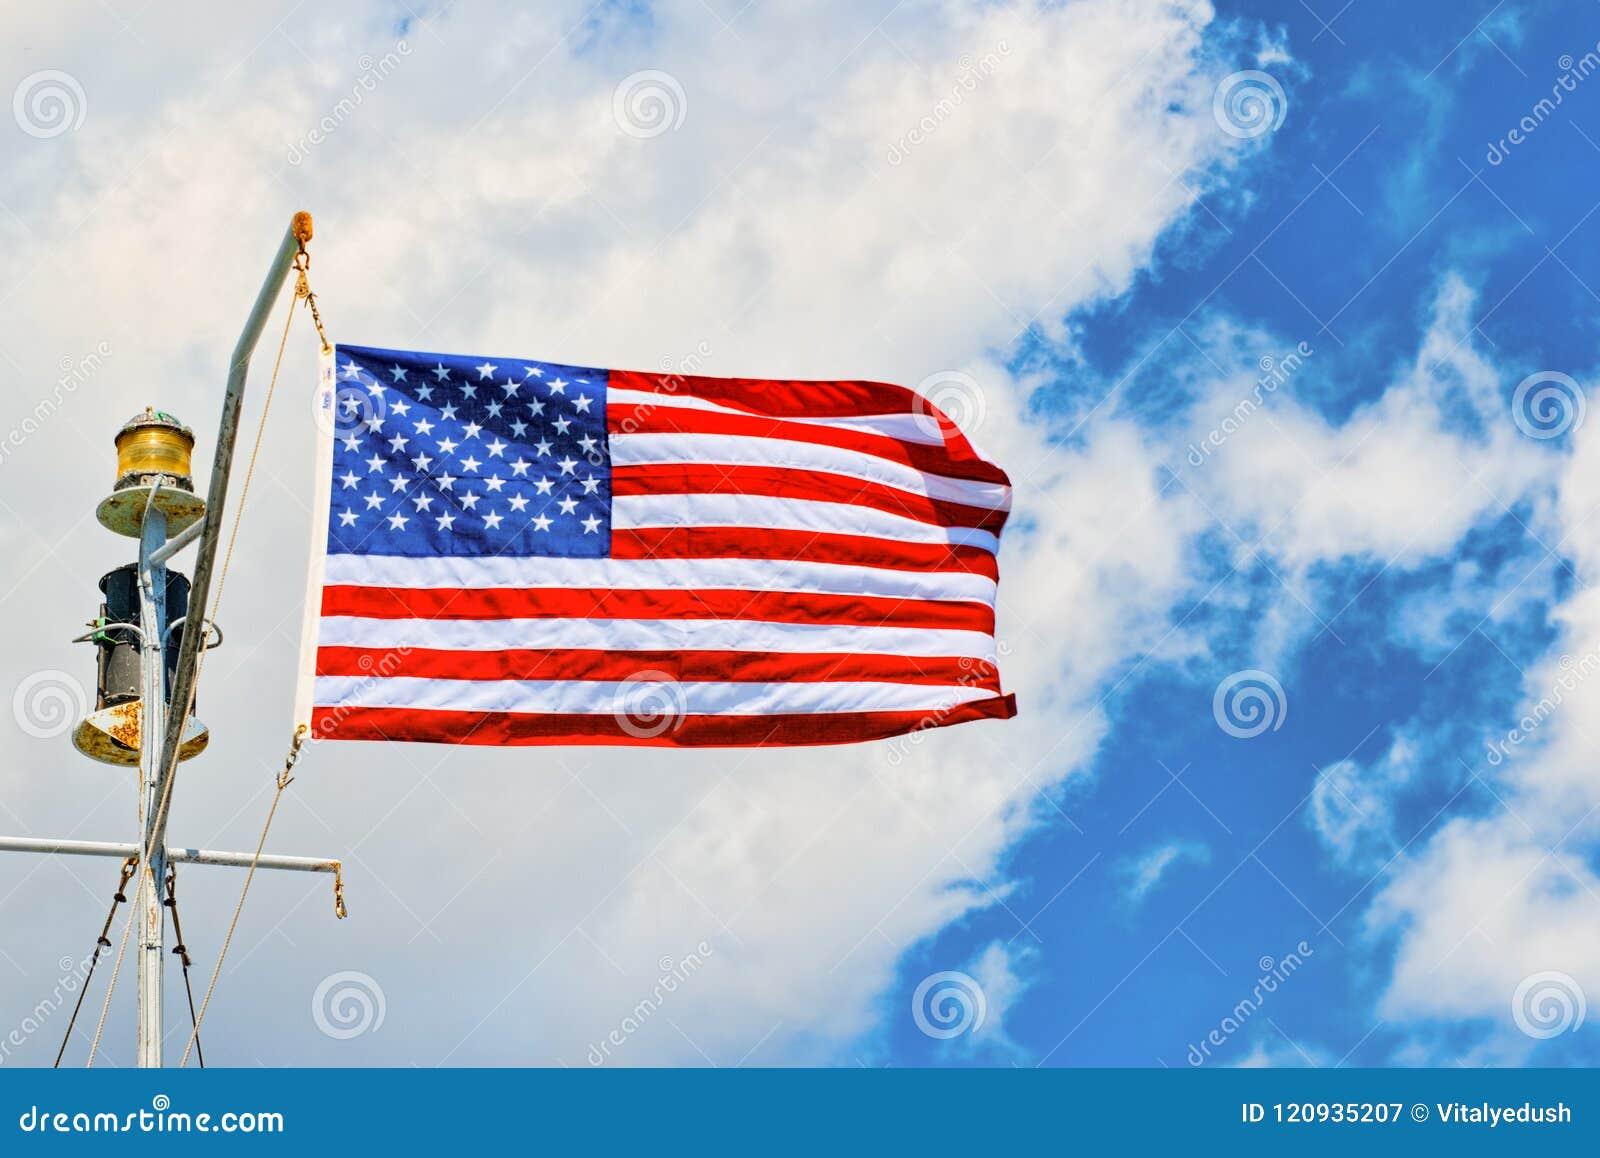 Αστέρι-ριγωτοί κυματισμοί αμερικανικών σημαιών υπερήφανα ενάντια στο μπλε ουρανό